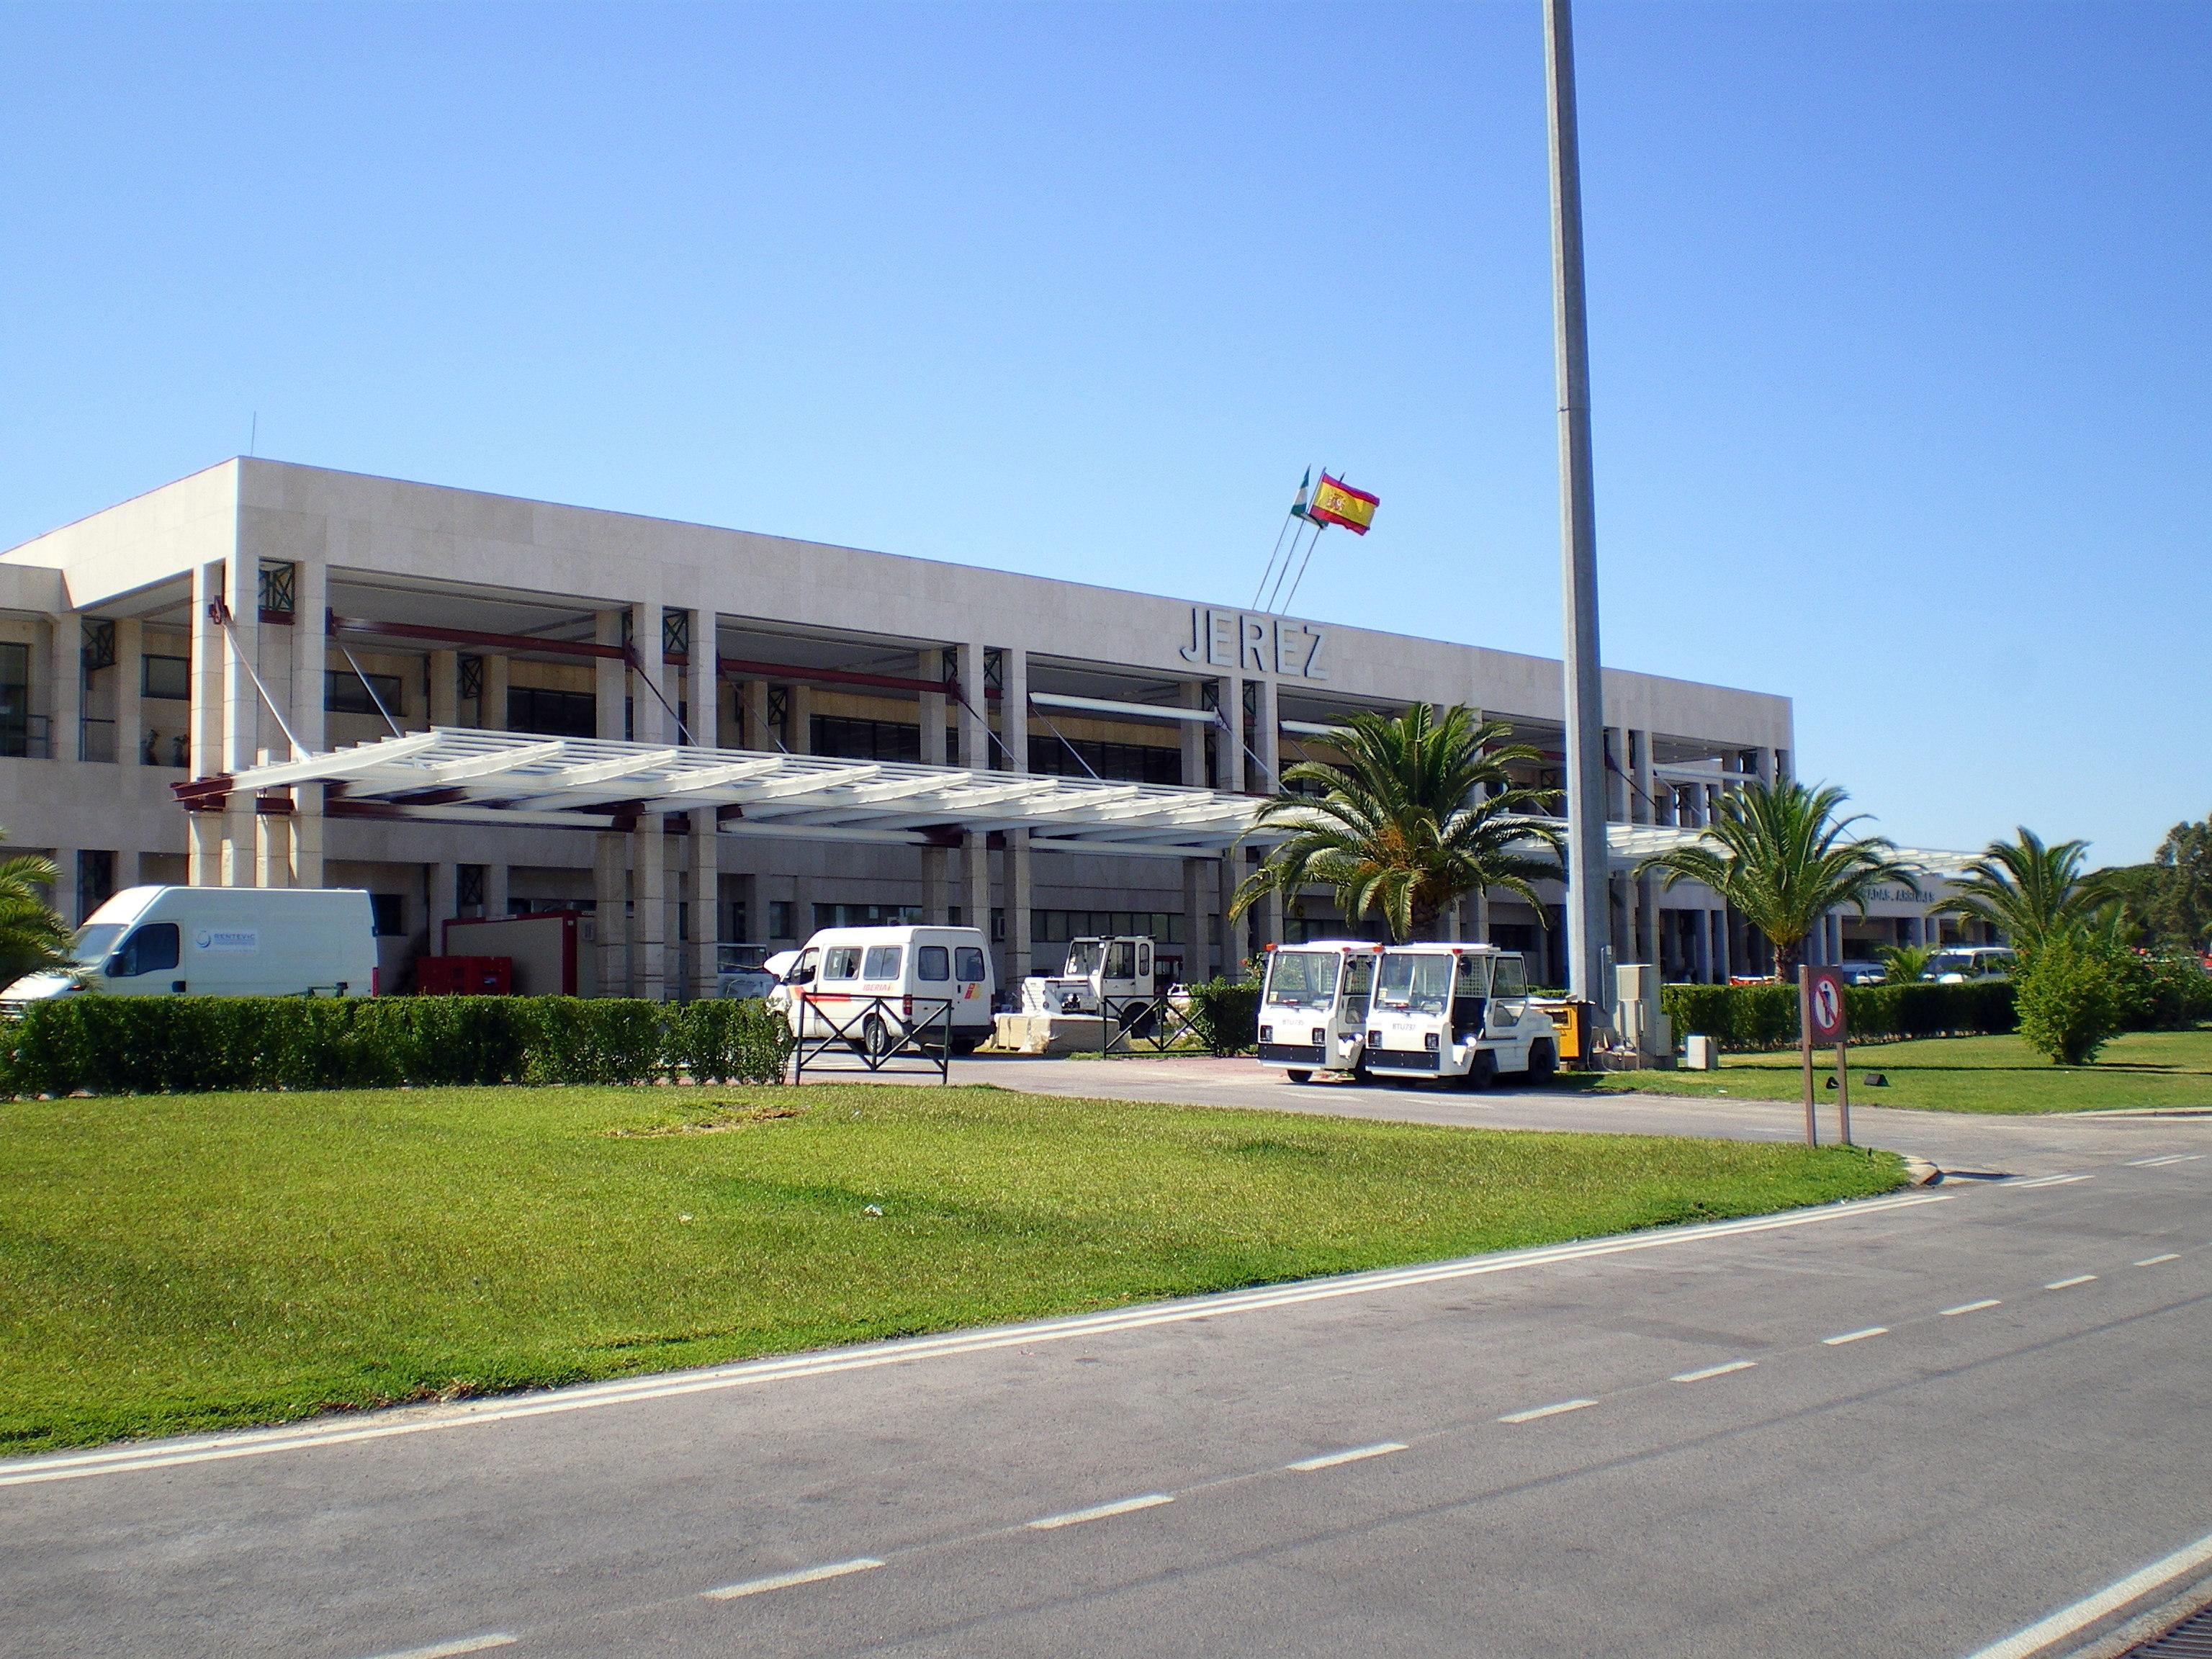 Jerez De La Frontera Travel Guide At Wikivoyage